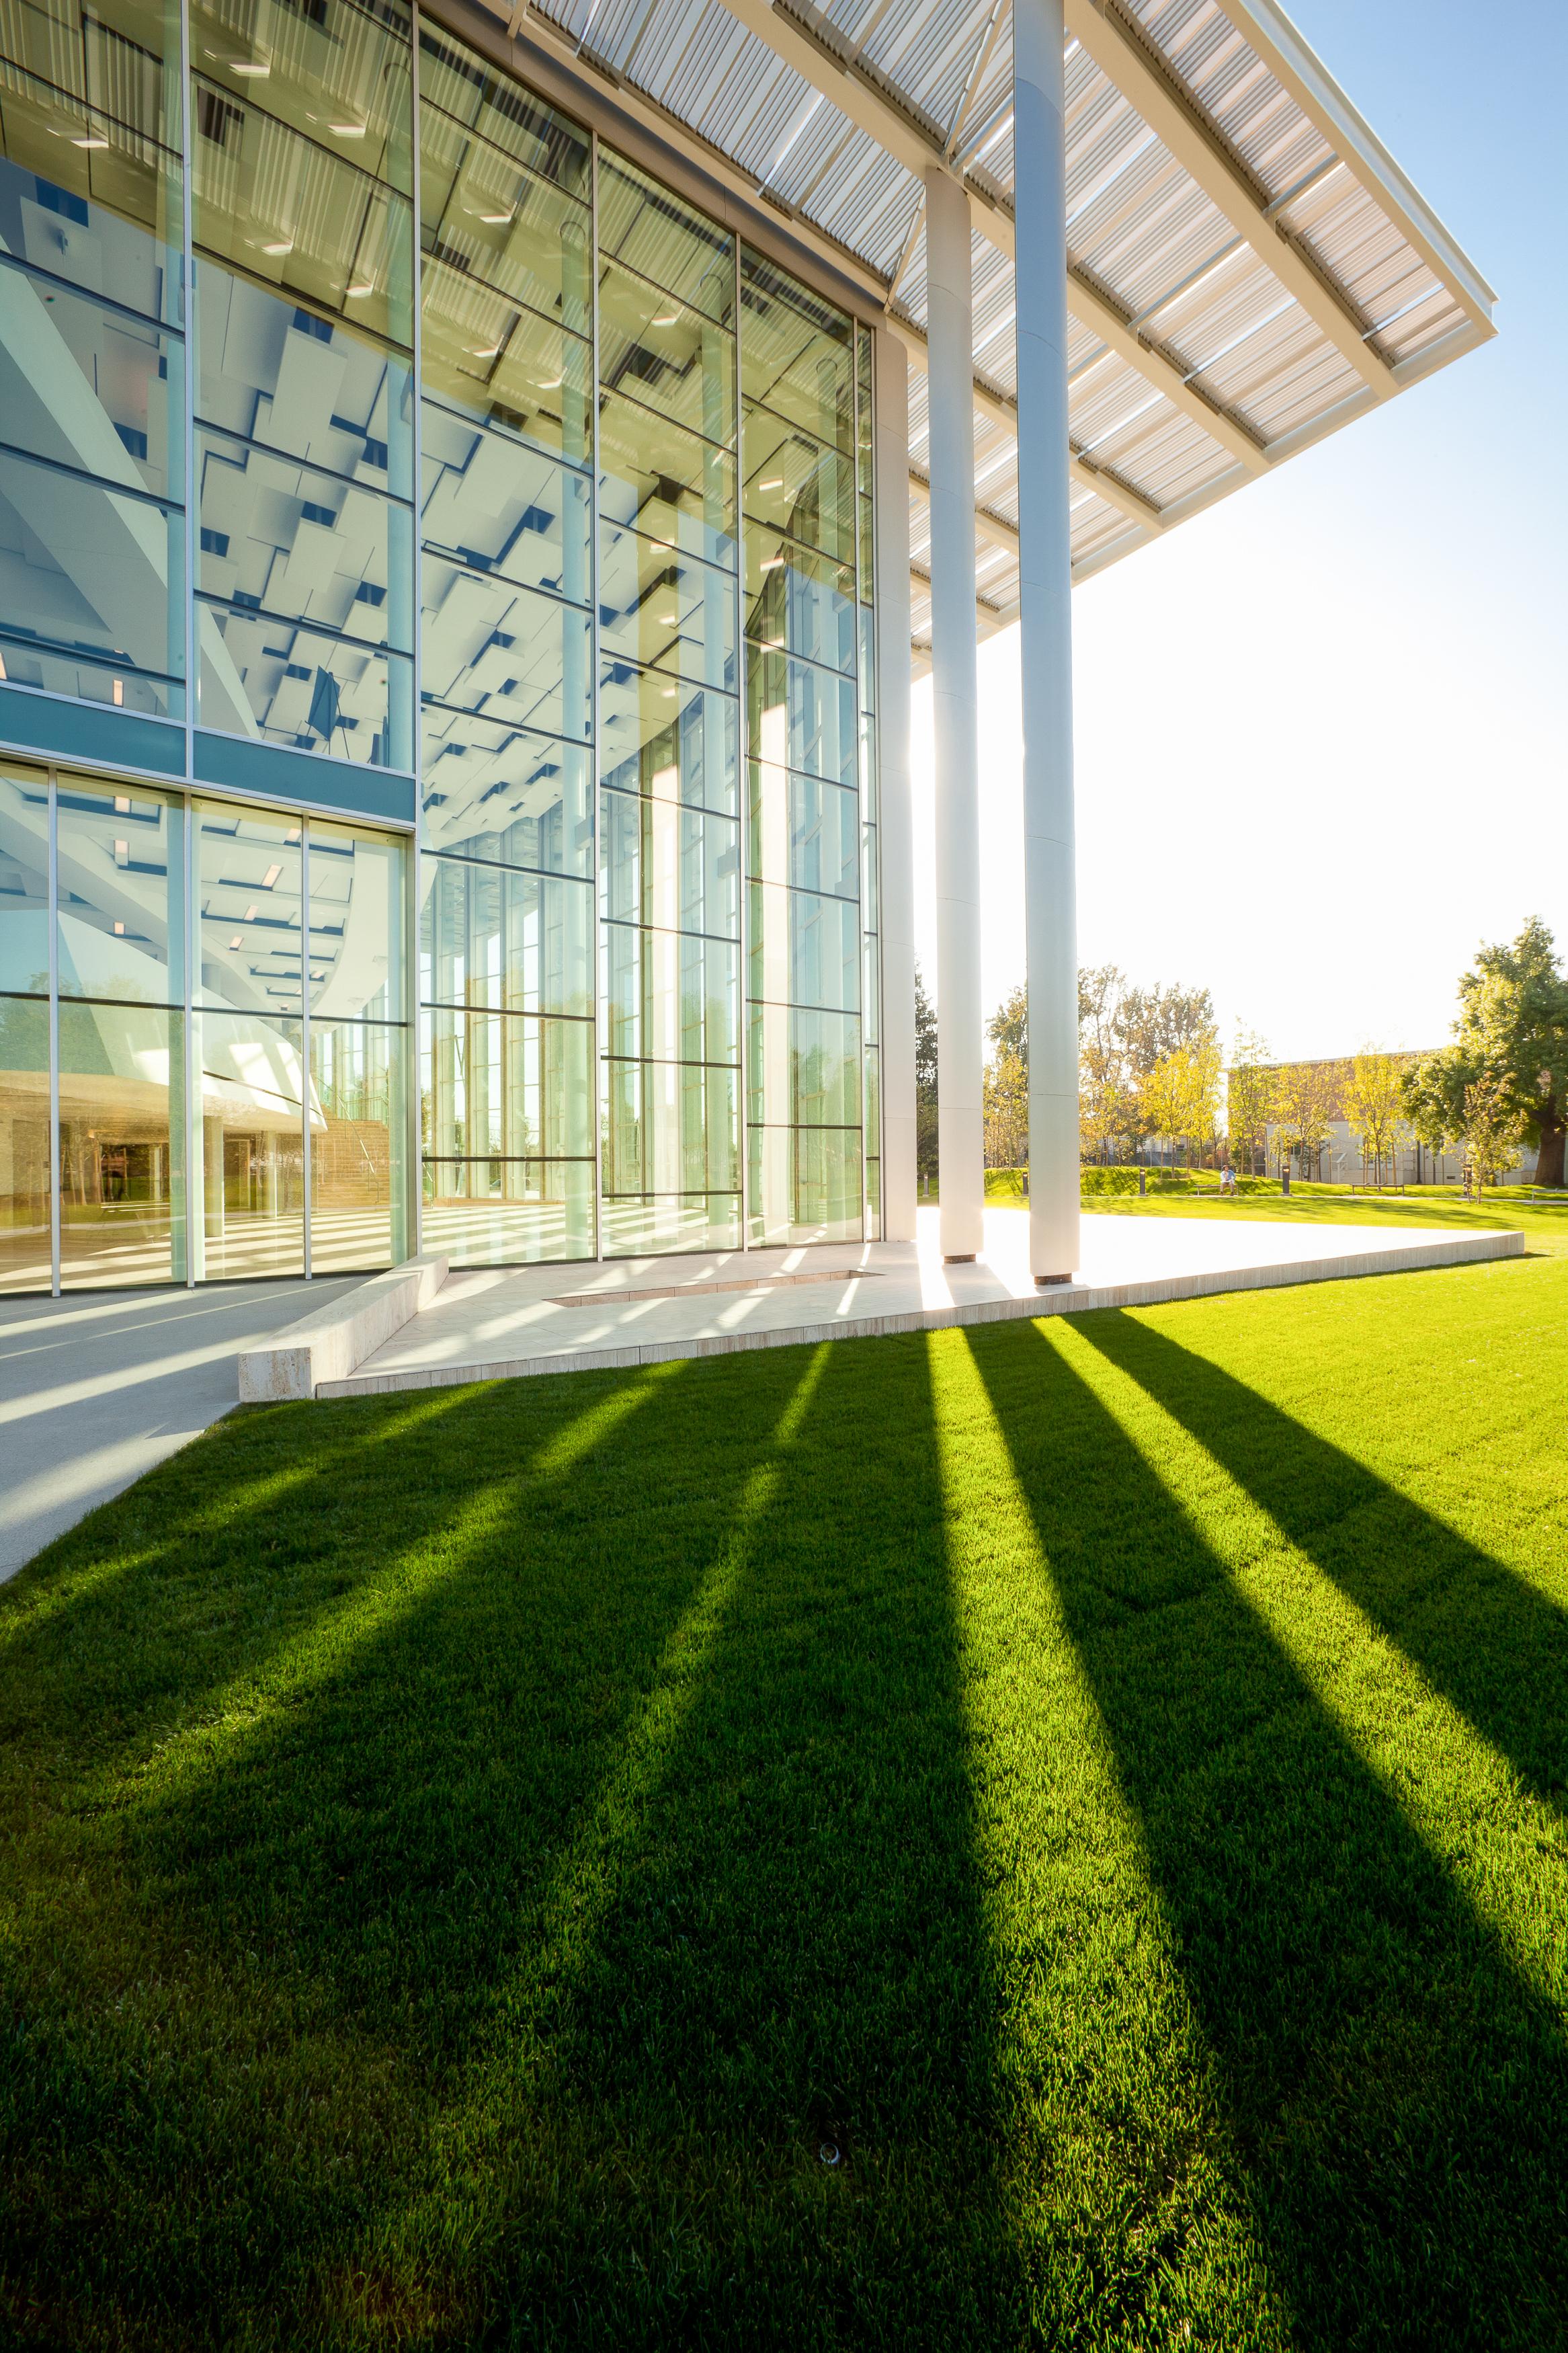 004 Valley Performing Arts Center.jpg